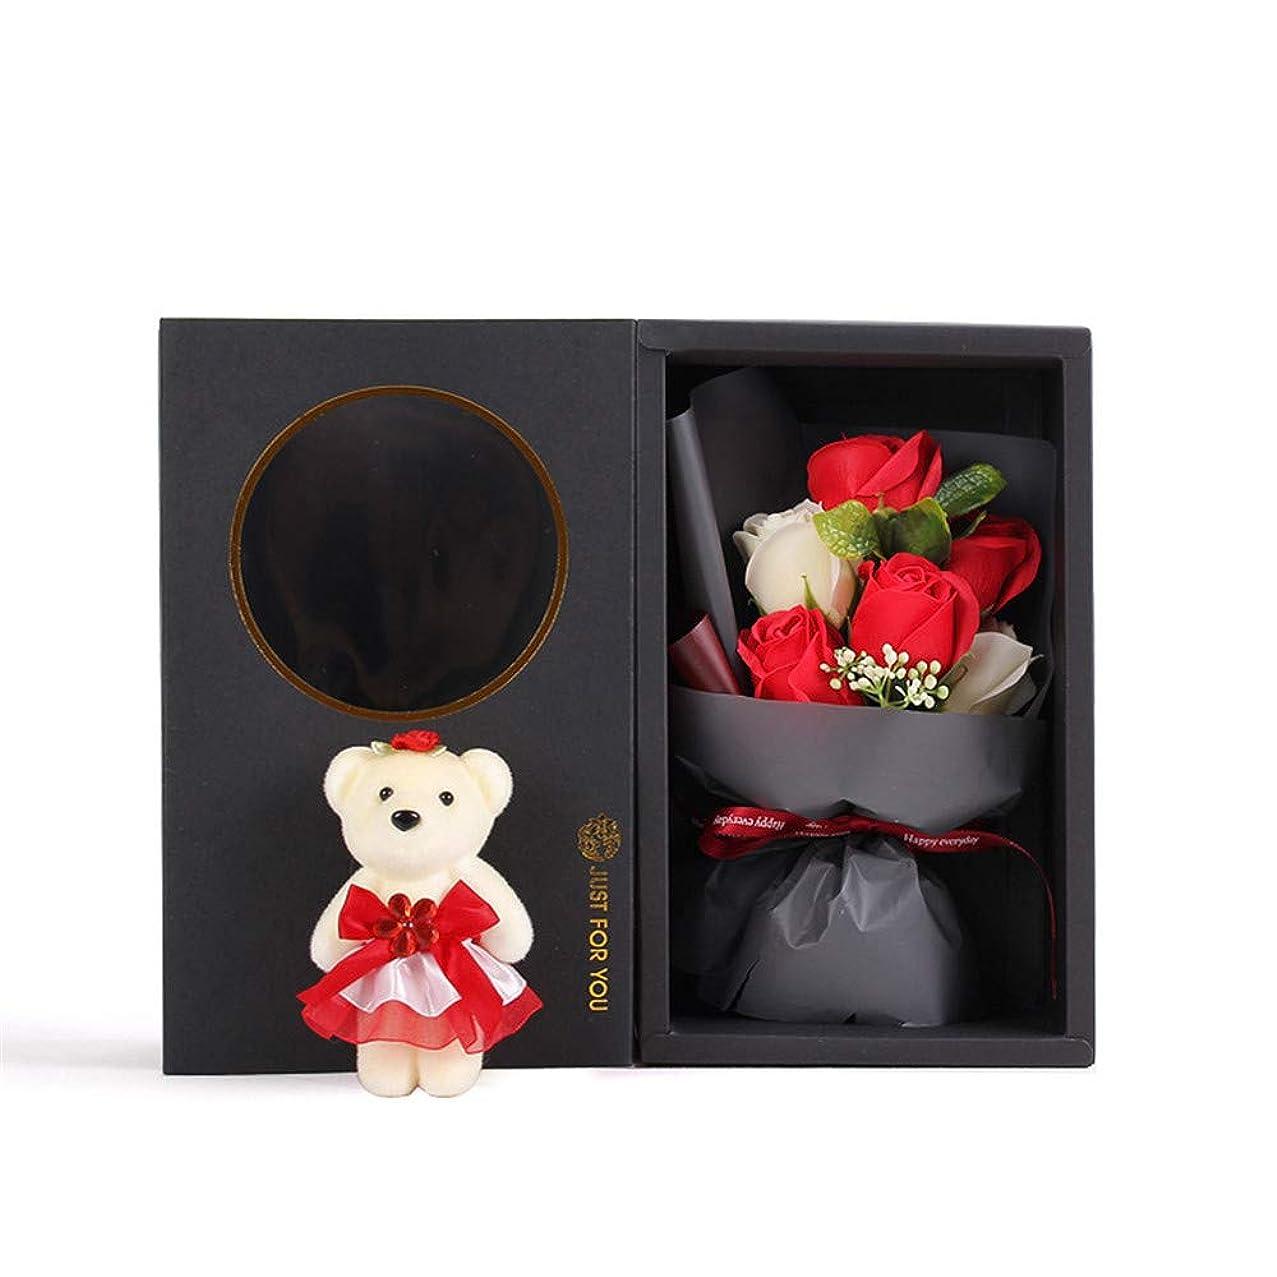 操作可能翻訳する暗記する手作り6石鹸花の花束ギフトボックス、女性のためのギフトあなたがバレンタインデー、母の日、結婚式、クリスマス、誕生日を愛した女の子(ベアカラーランダム) (色 : 赤)